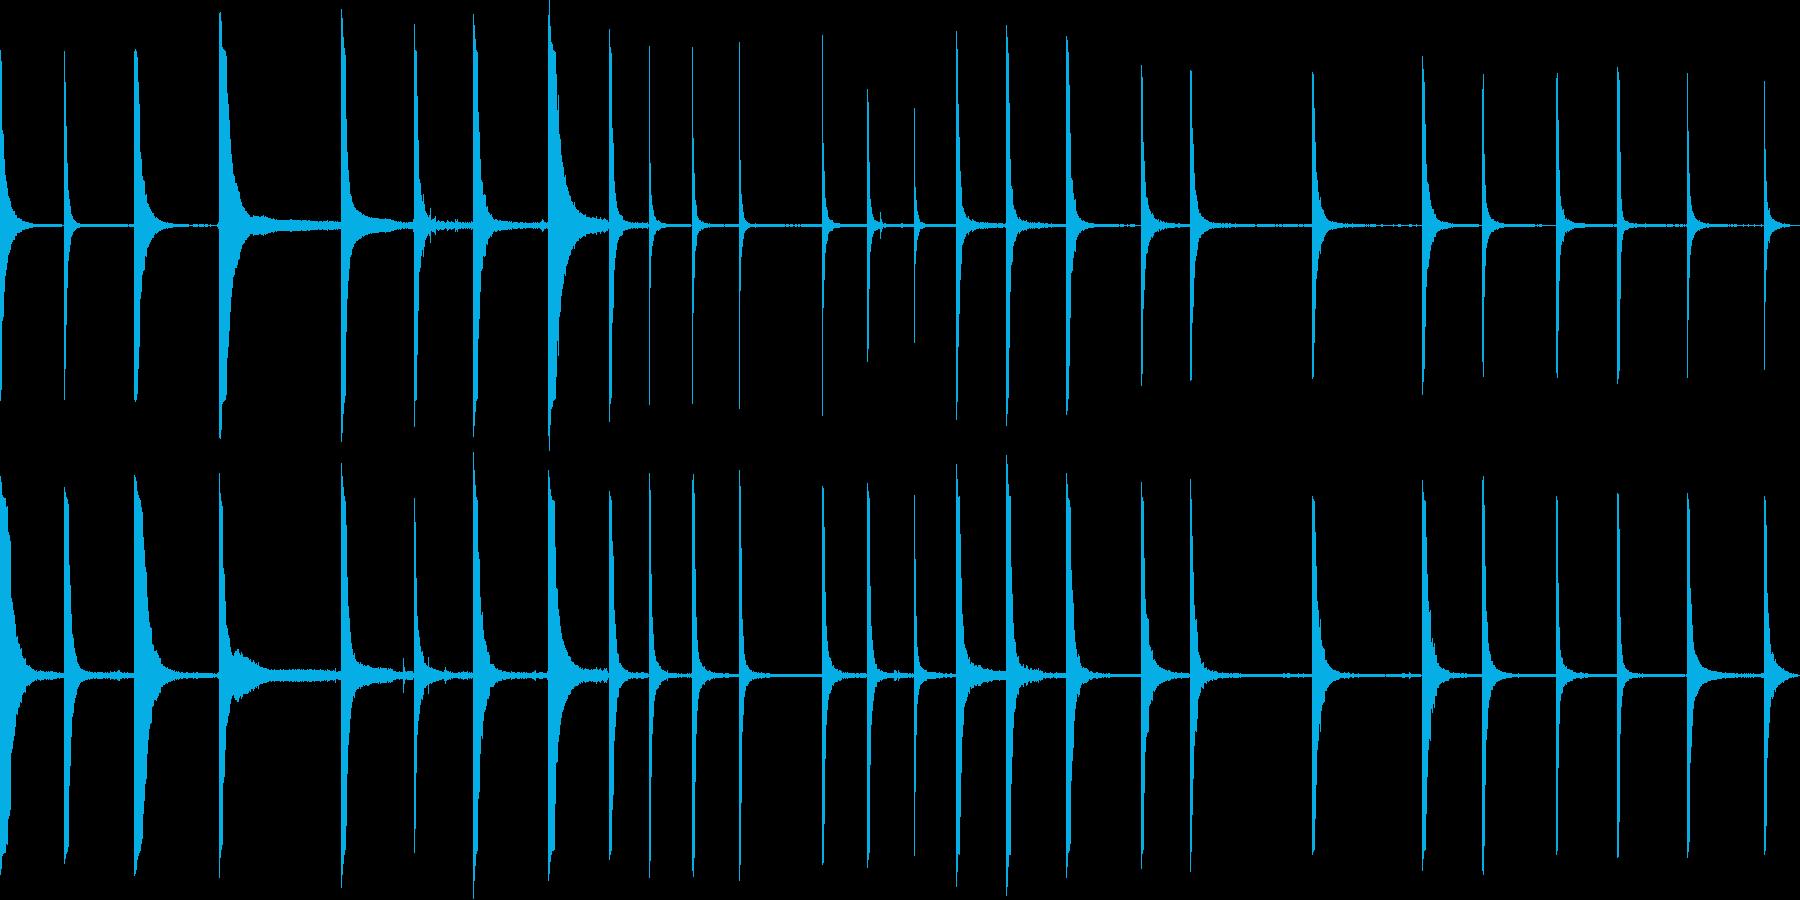 さまざまな金属クランクpingの再生済みの波形